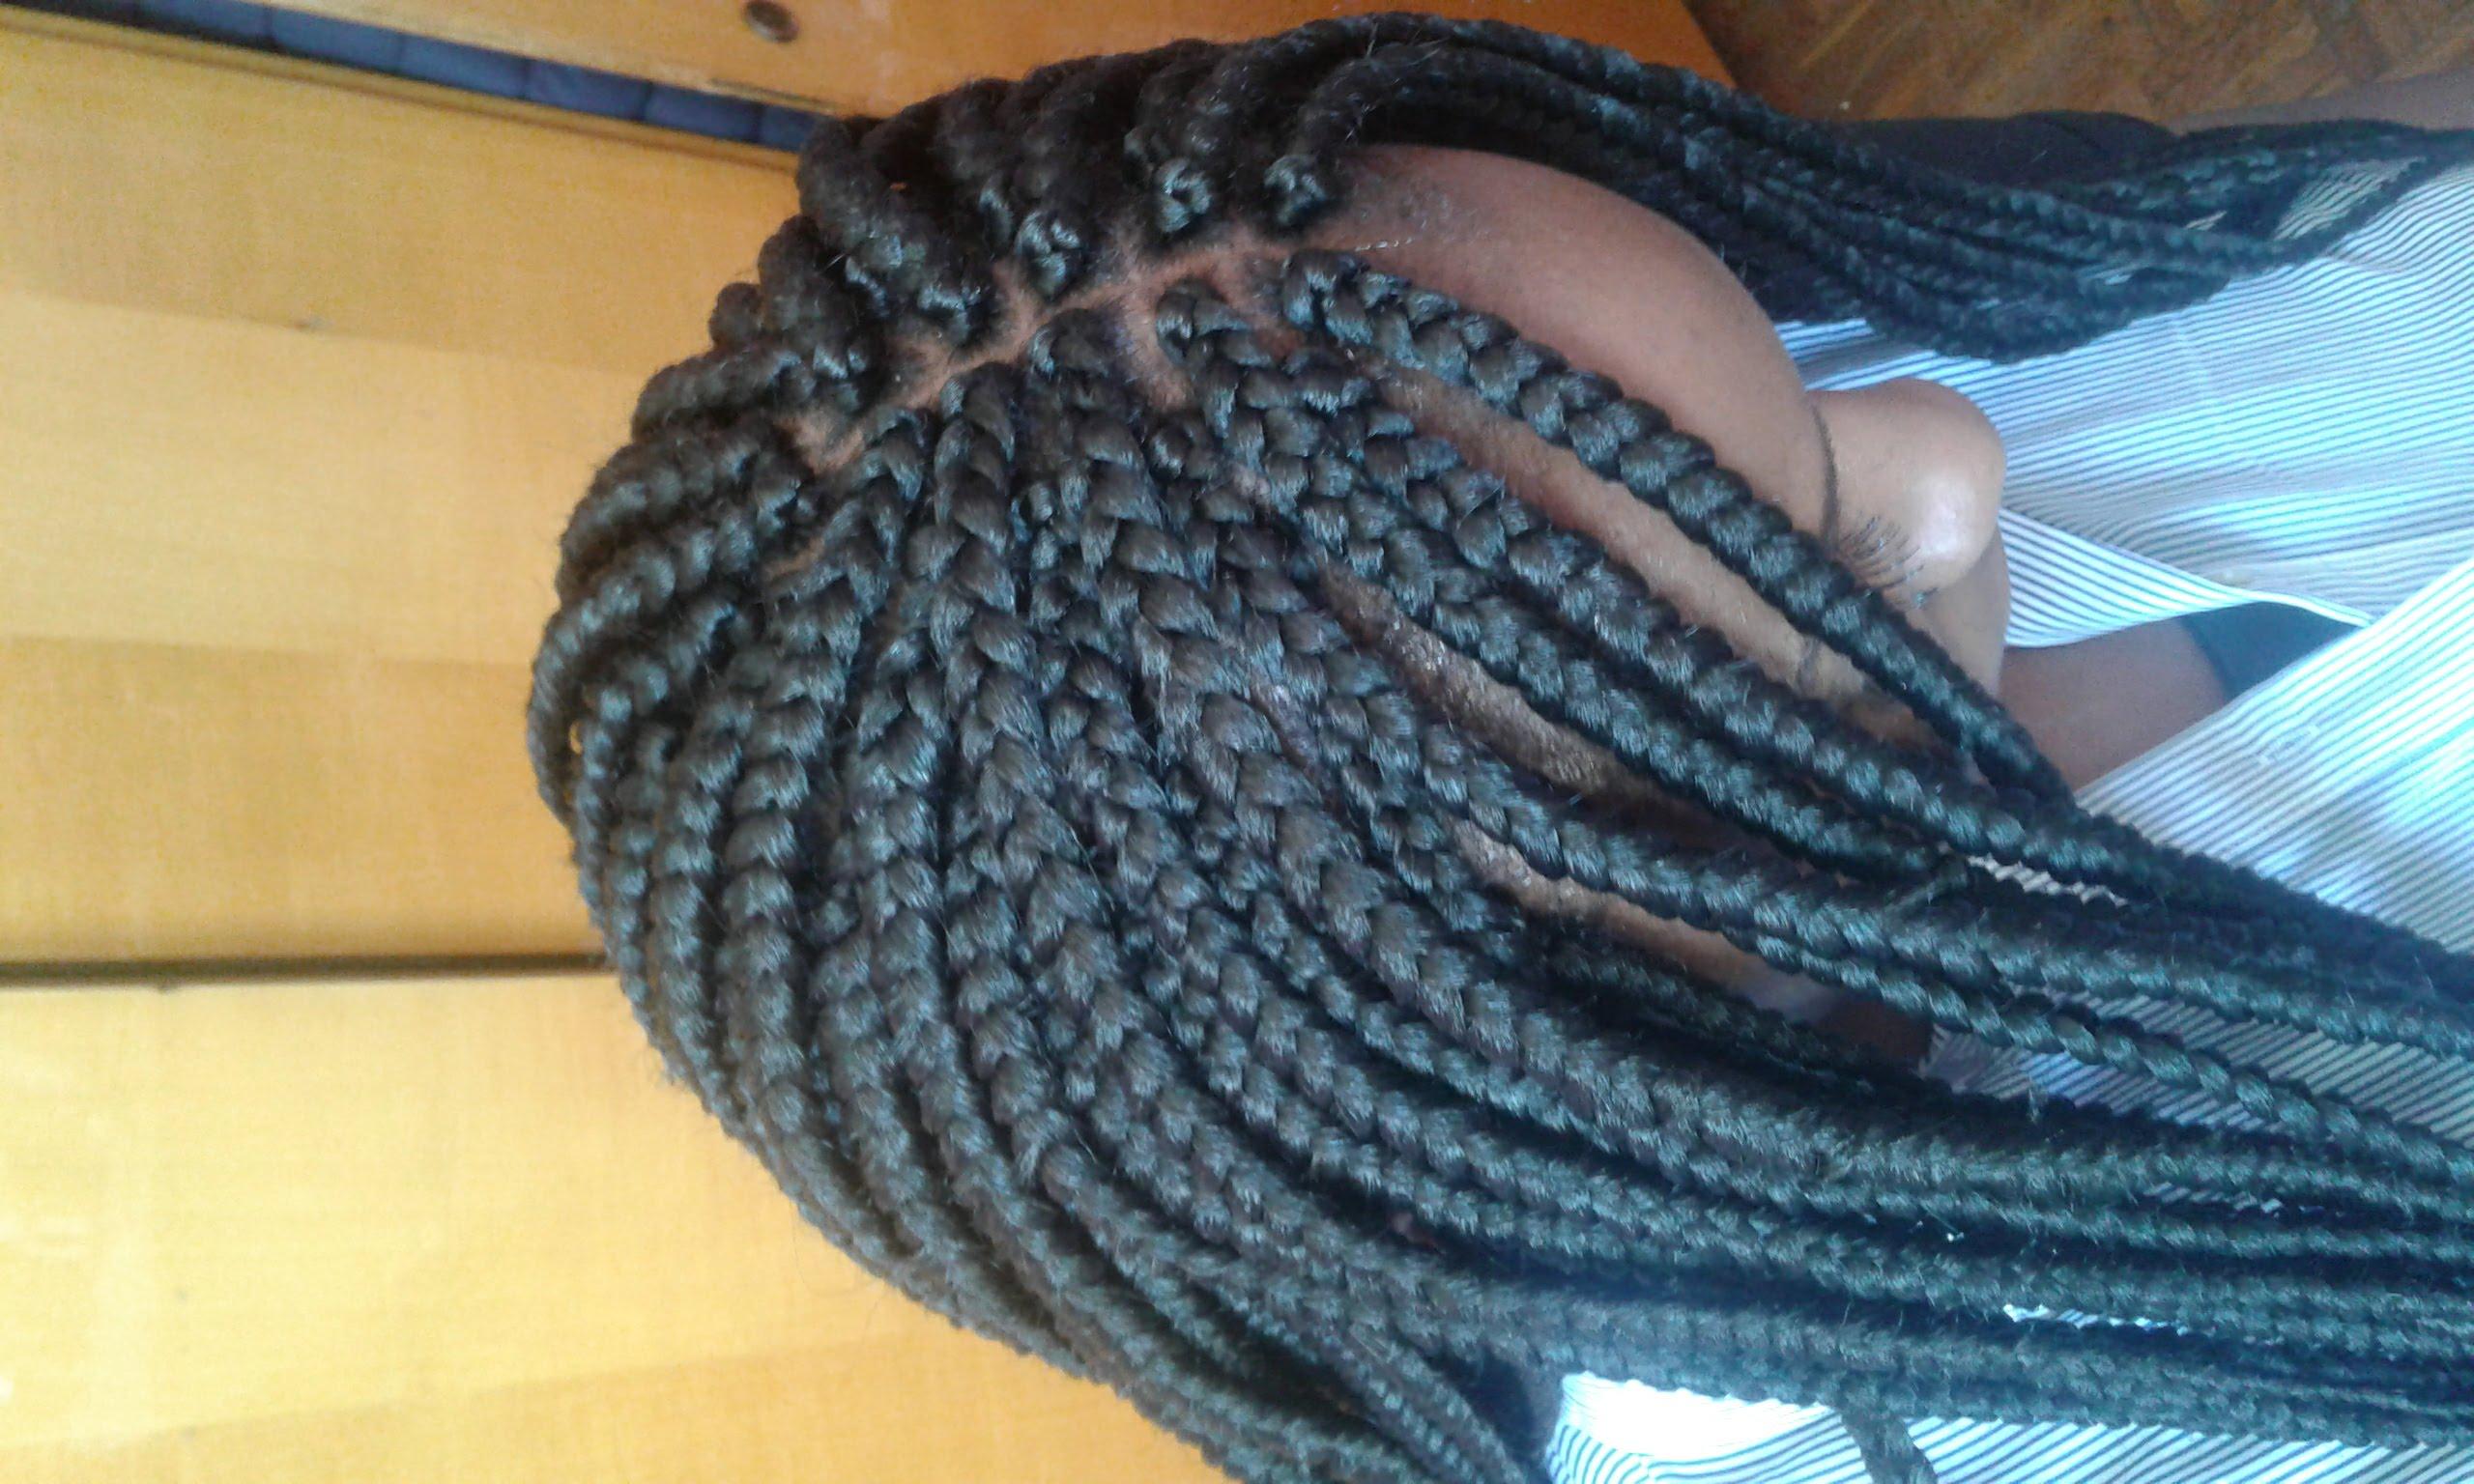 salon de coiffure afro tresse tresses box braids crochet braids vanilles tissages paris 75 77 78 91 92 93 94 95 YOXRQMJY